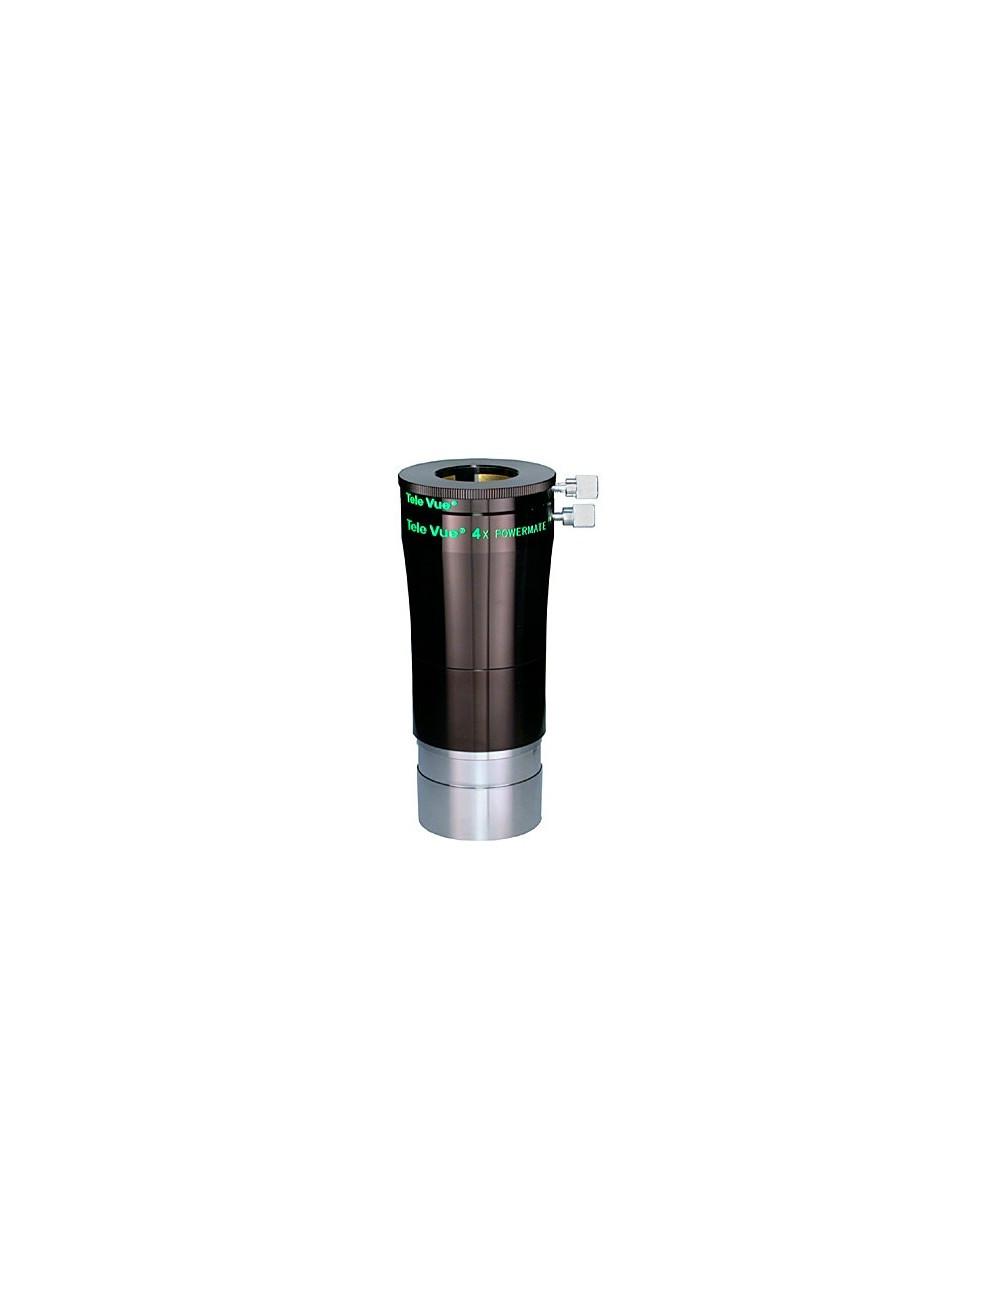 Lentille de Barlow Tele Vue Powermate 4x - Ø 50,8 mm